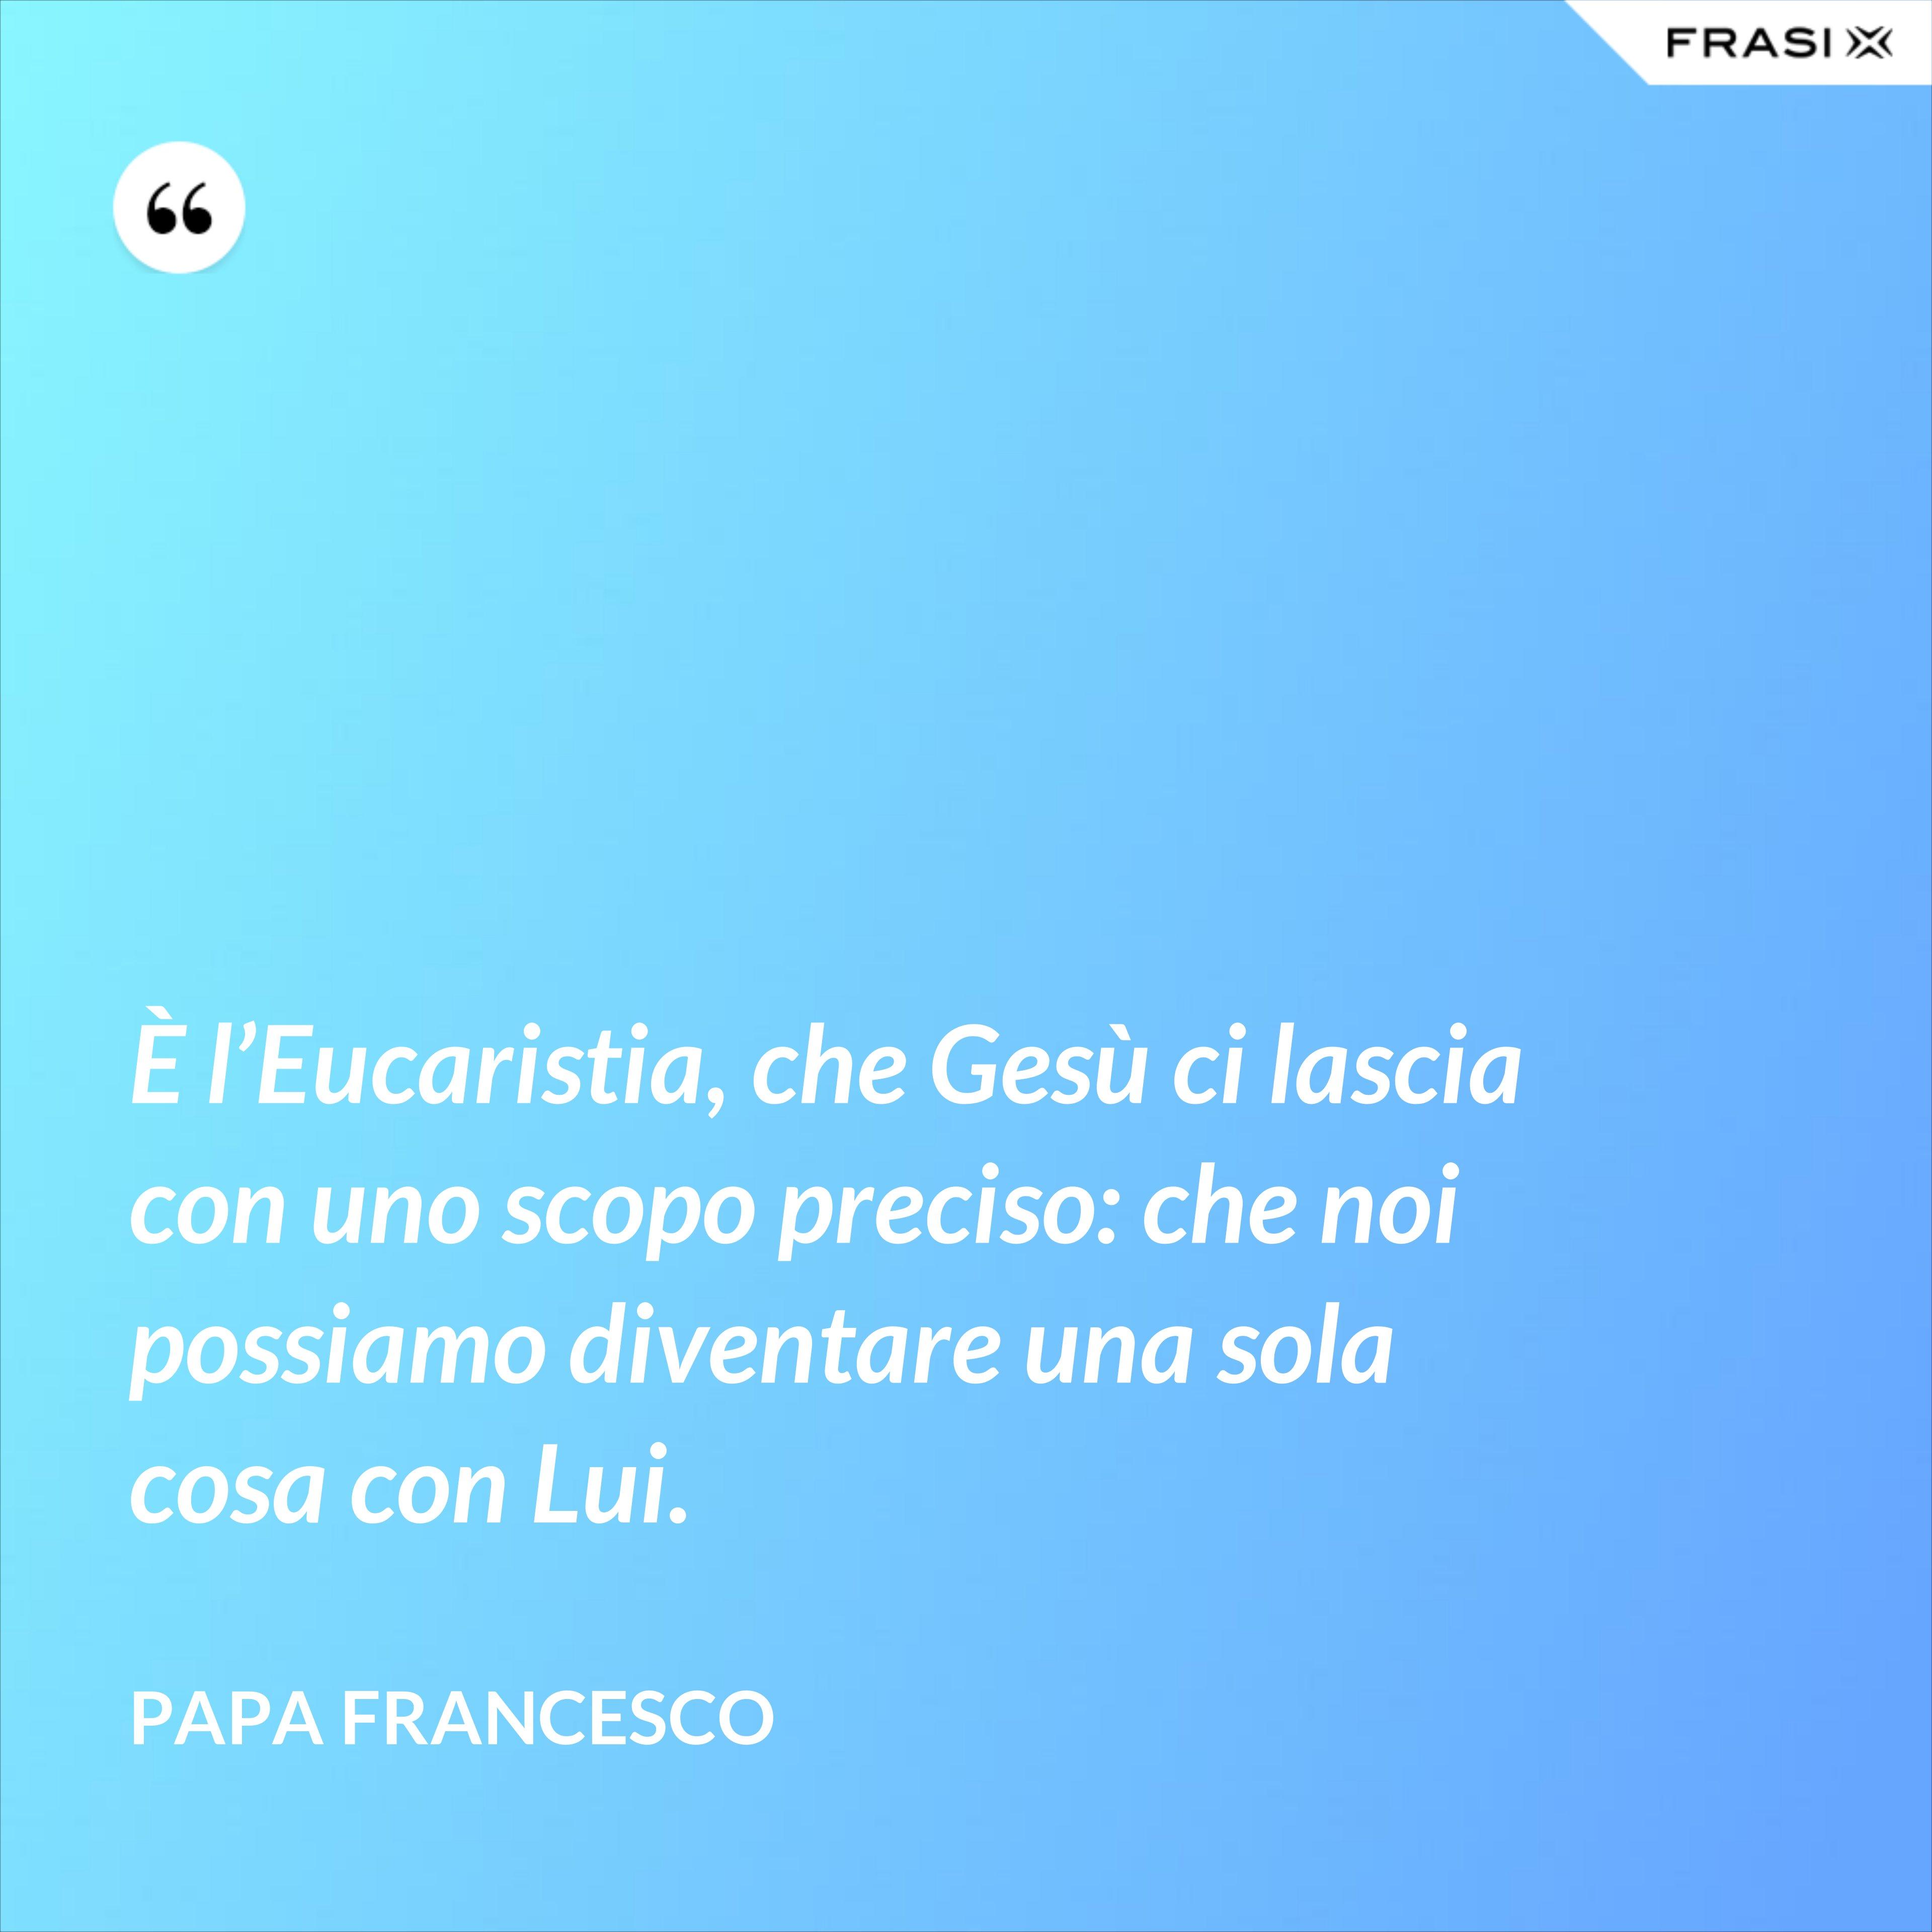 È l'Eucaristia, che Gesù ci lascia con uno scopo preciso: che noi possiamo diventare una sola cosa con Lui. - Papa Francesco